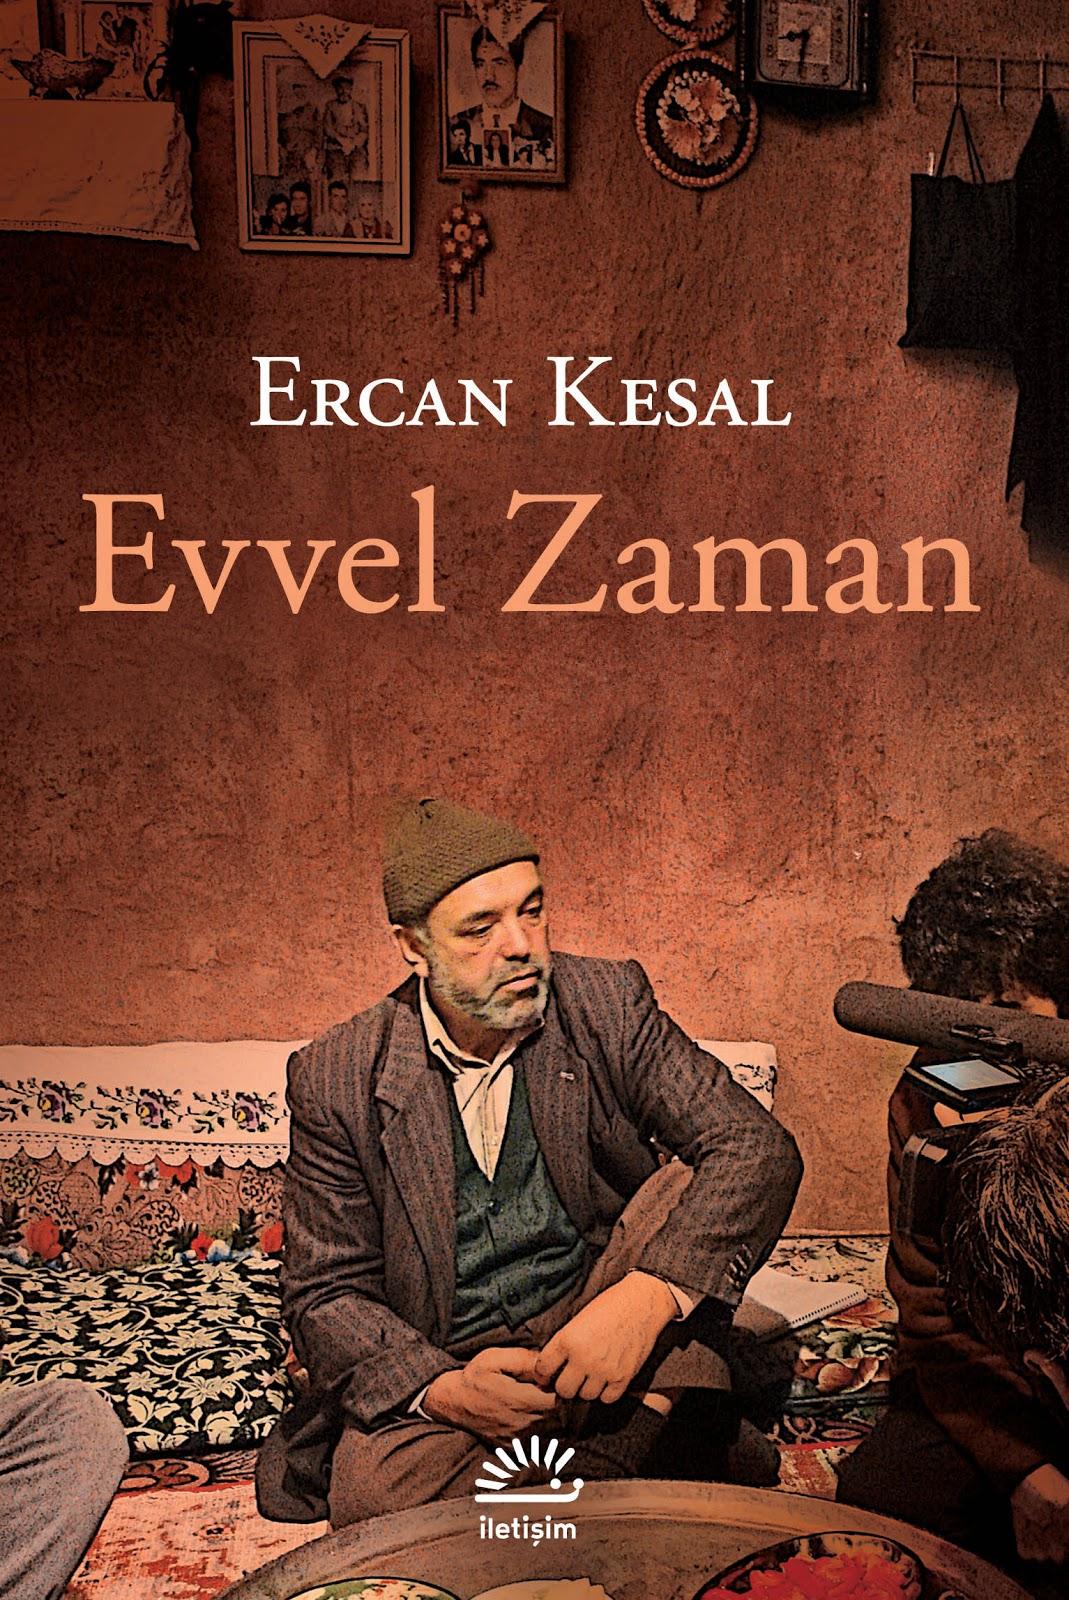 Ercan Kesal: Metin Erksan'la ilgili çok kitap yazılmalı 90